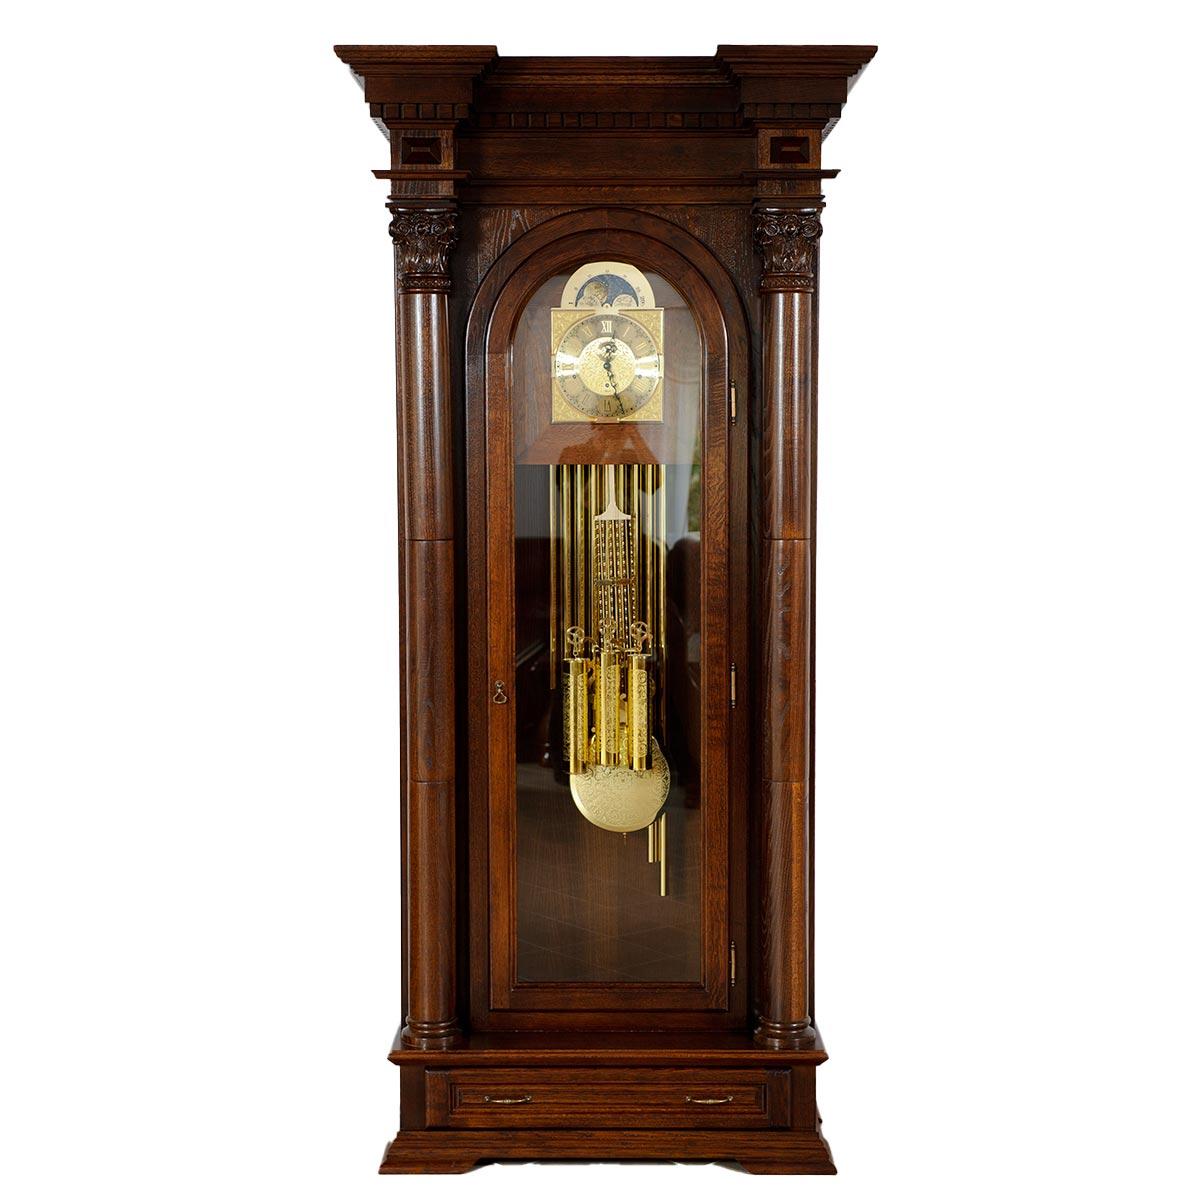 Dubové, masivní stojací hodiny Lux